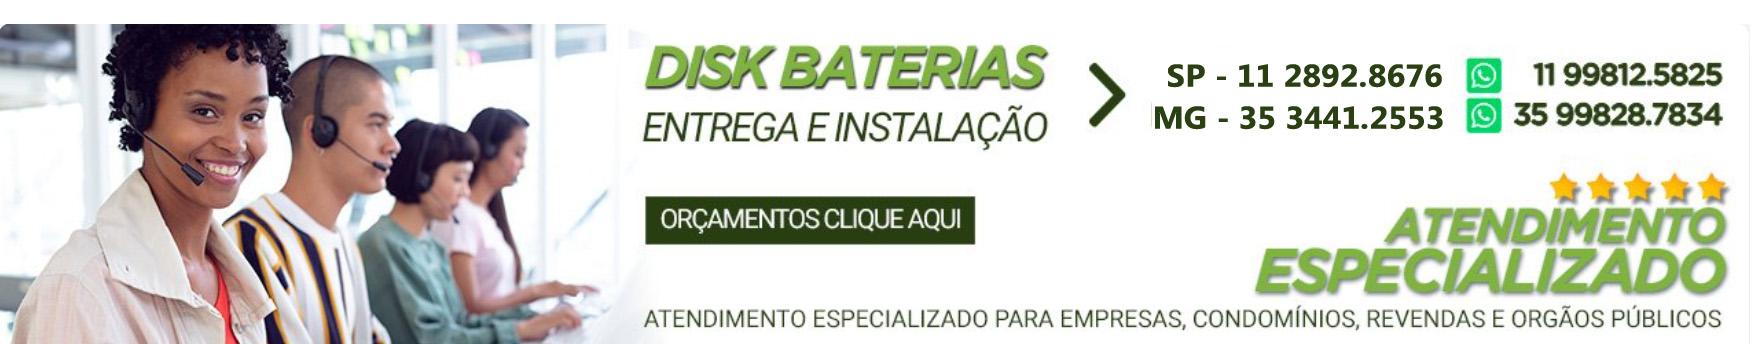 Banner-Novo-Empresas